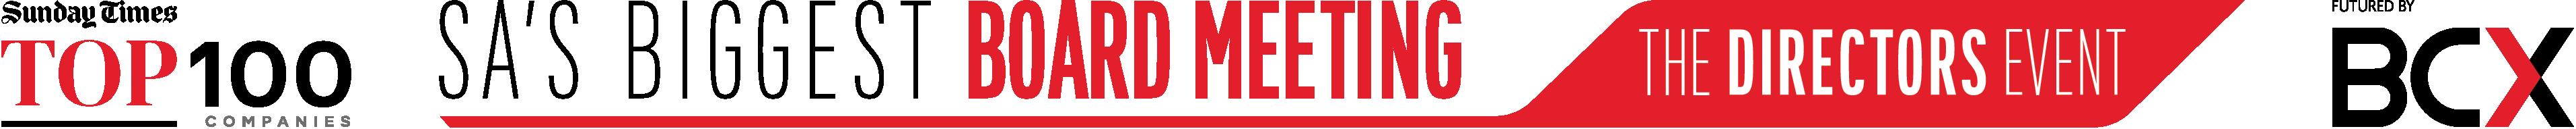 The Directors Event Logo